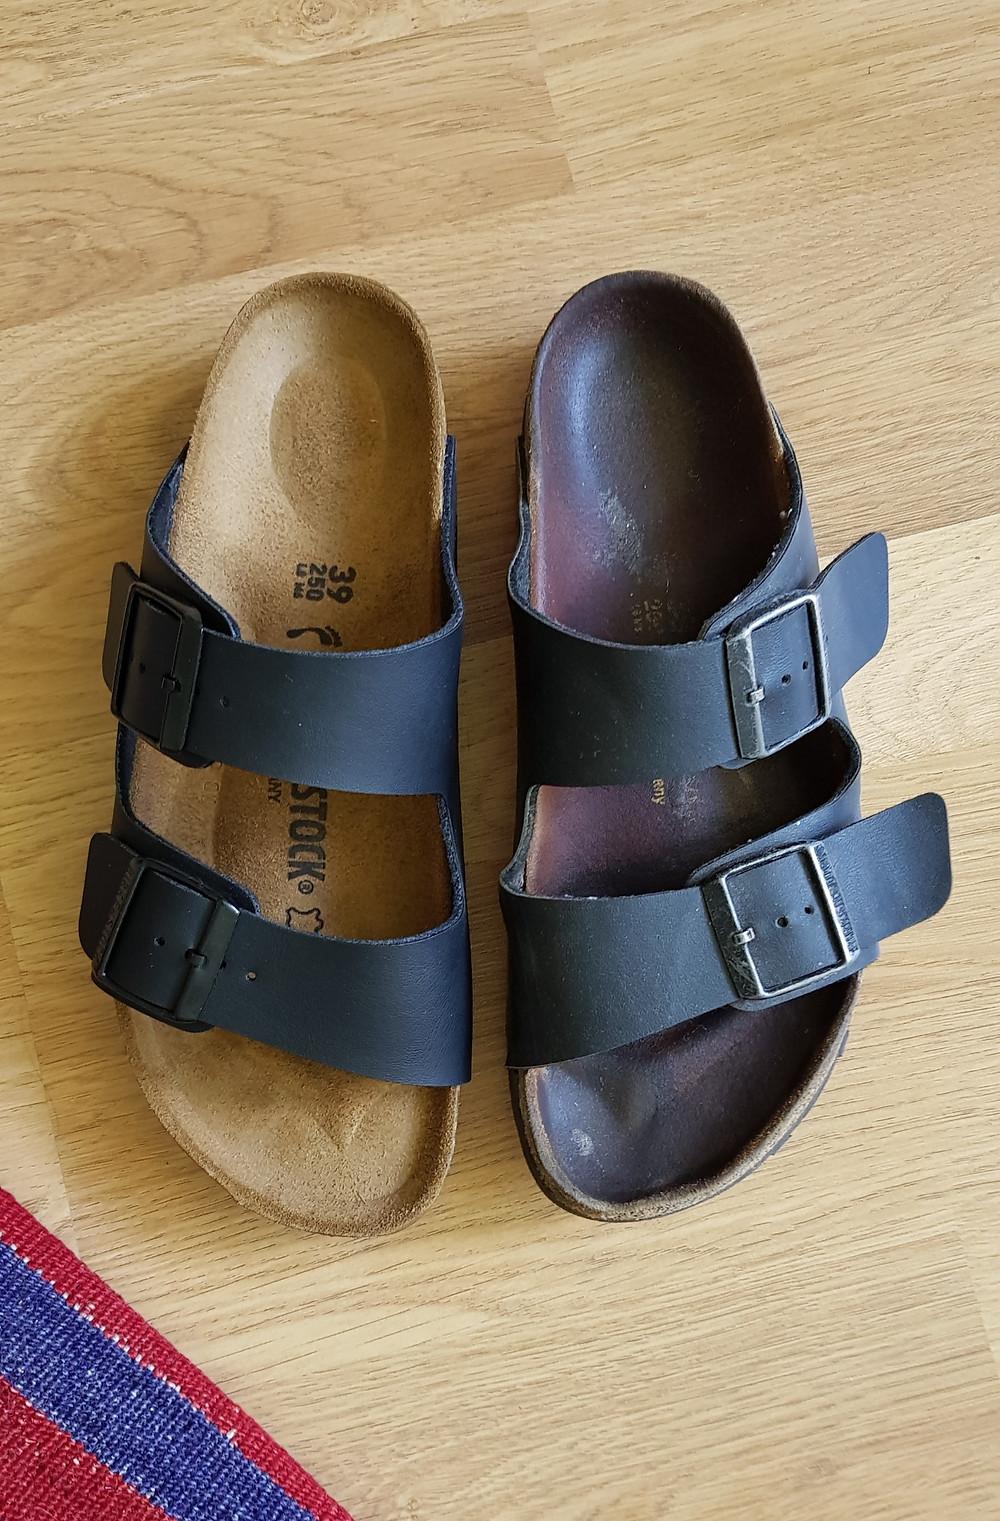 Kuvassa näkyy kaksi Birkenstockin Arizona-sandaalia. Vasemmalla puolella oleva sandaali on uusi ja oikealla puolella 6-7 vuotta vanha kulunut sandaali. Ero ulkonäössä on käytön jäljiltä suuri.